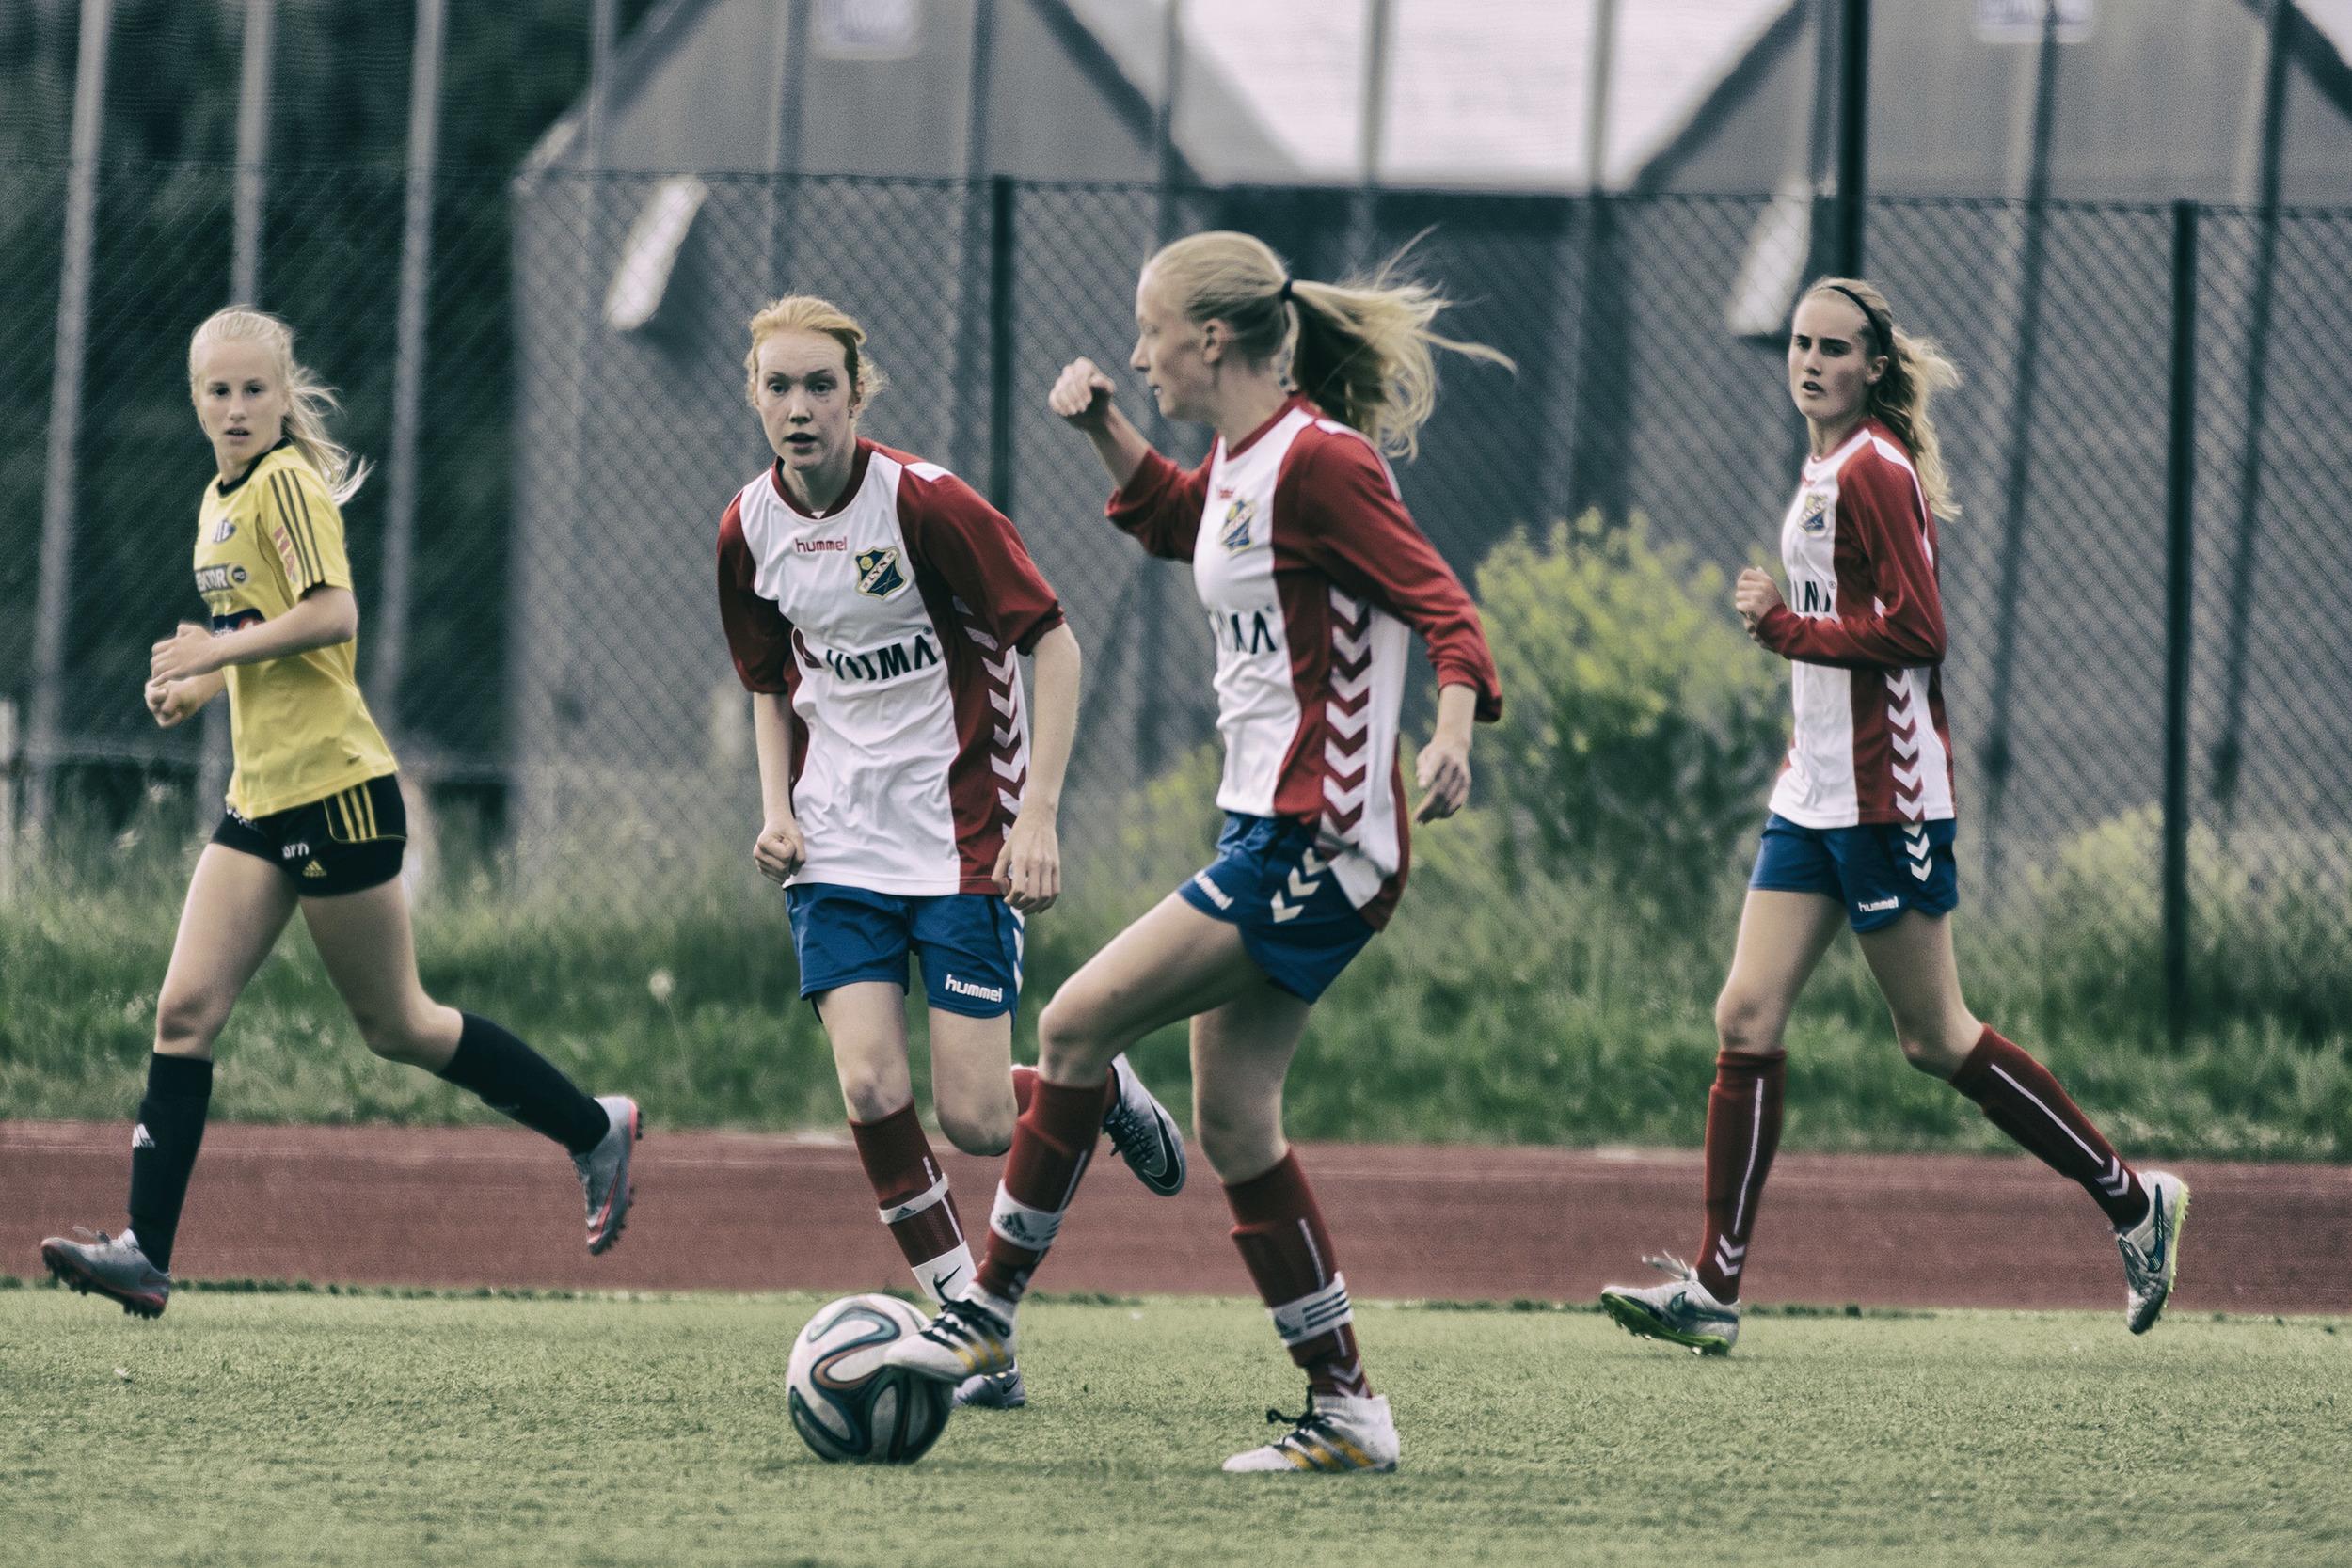 Una med kontroll på ball  Foto: Gunhild Lien